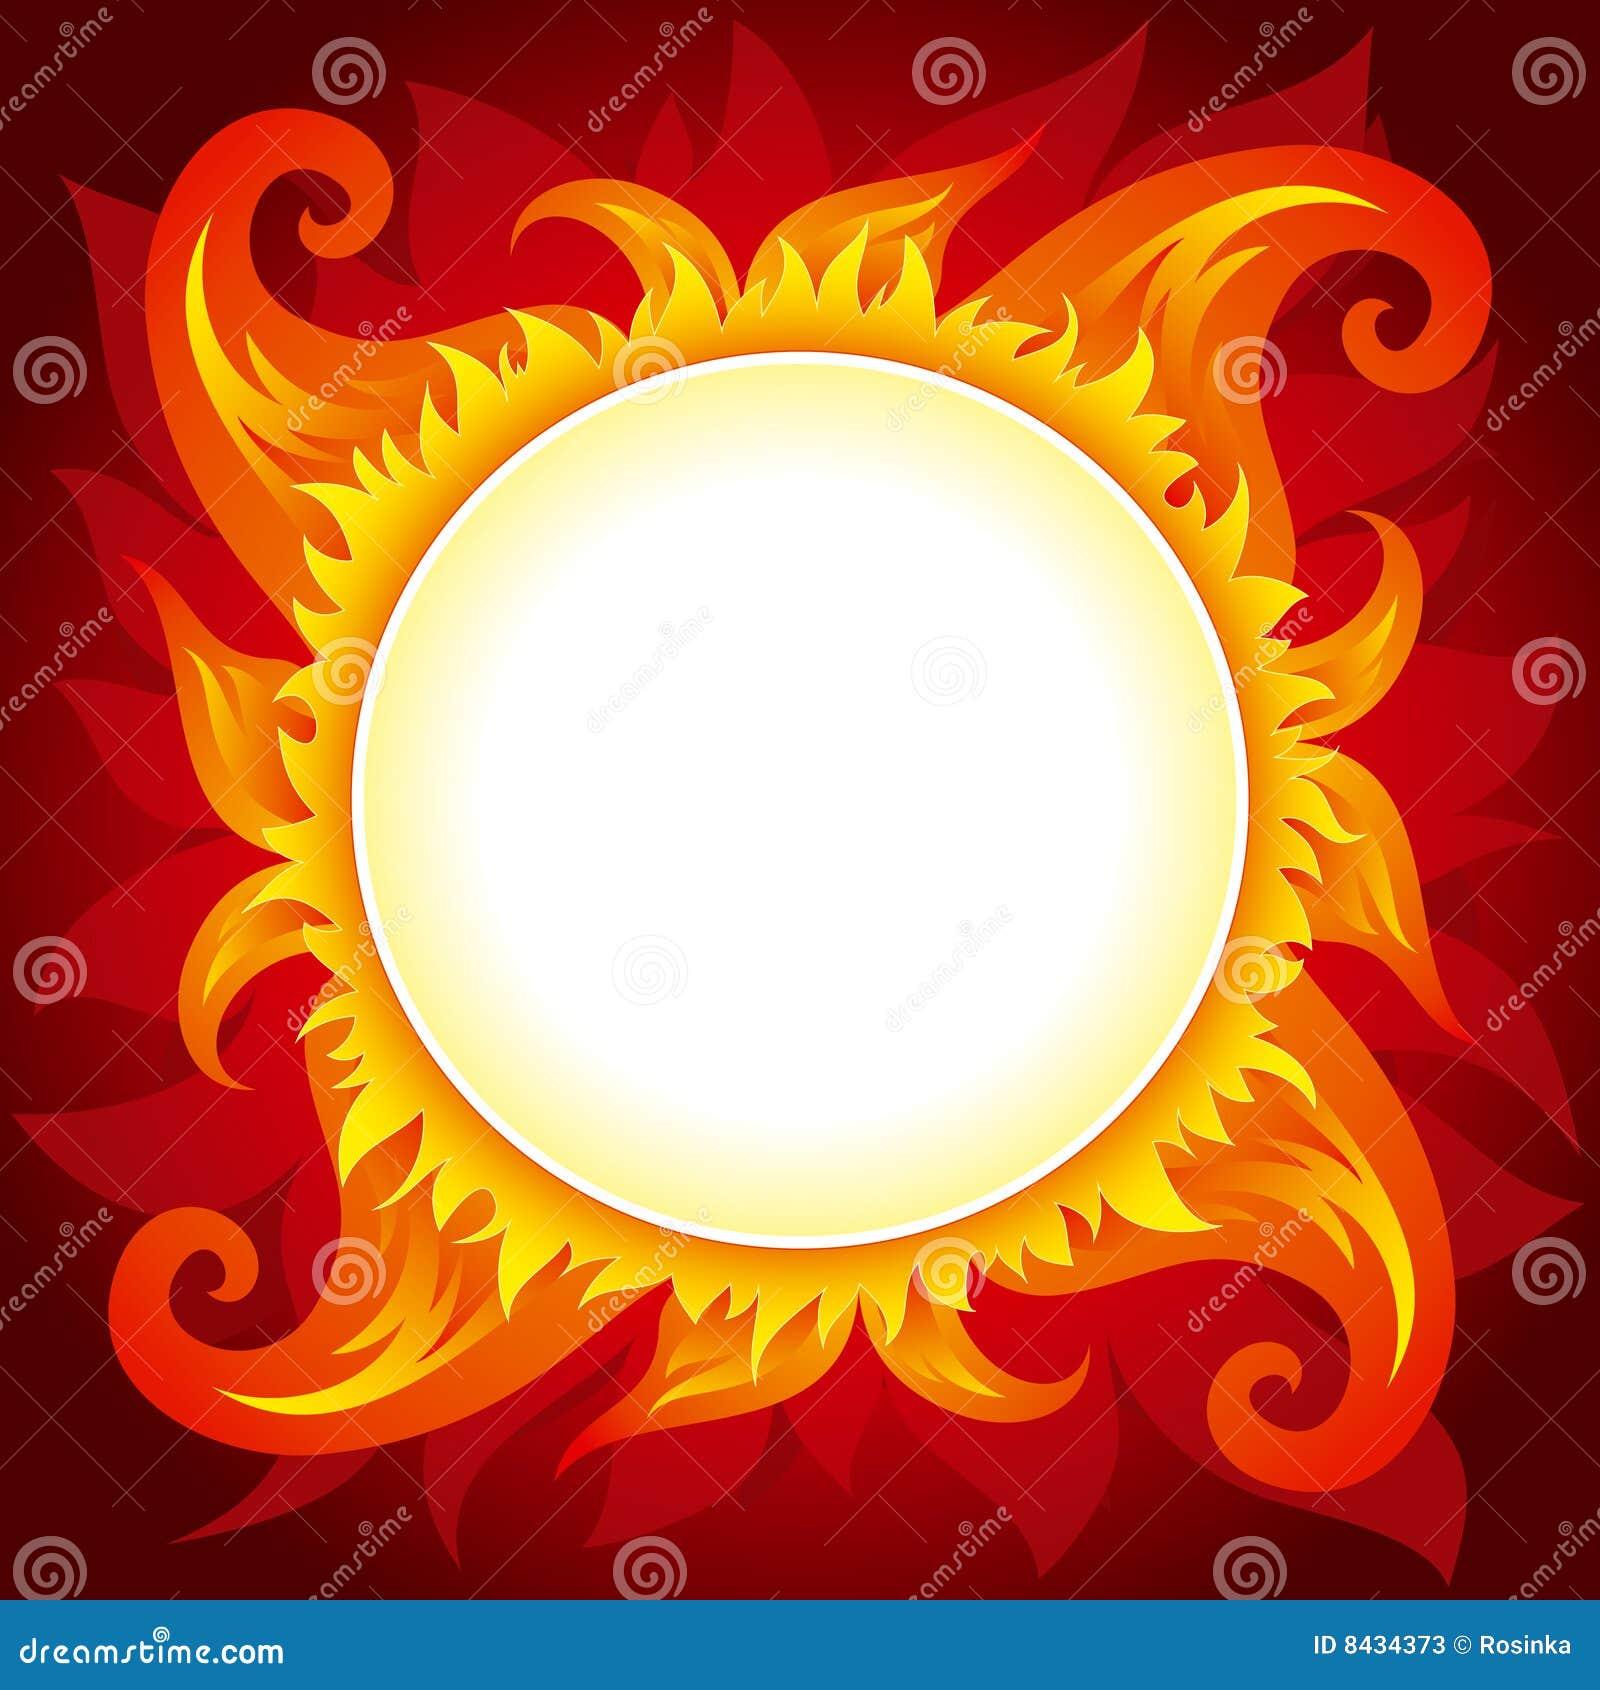 Fondo del vector del fuego o del sol fotos de archivo for Fondo del sol